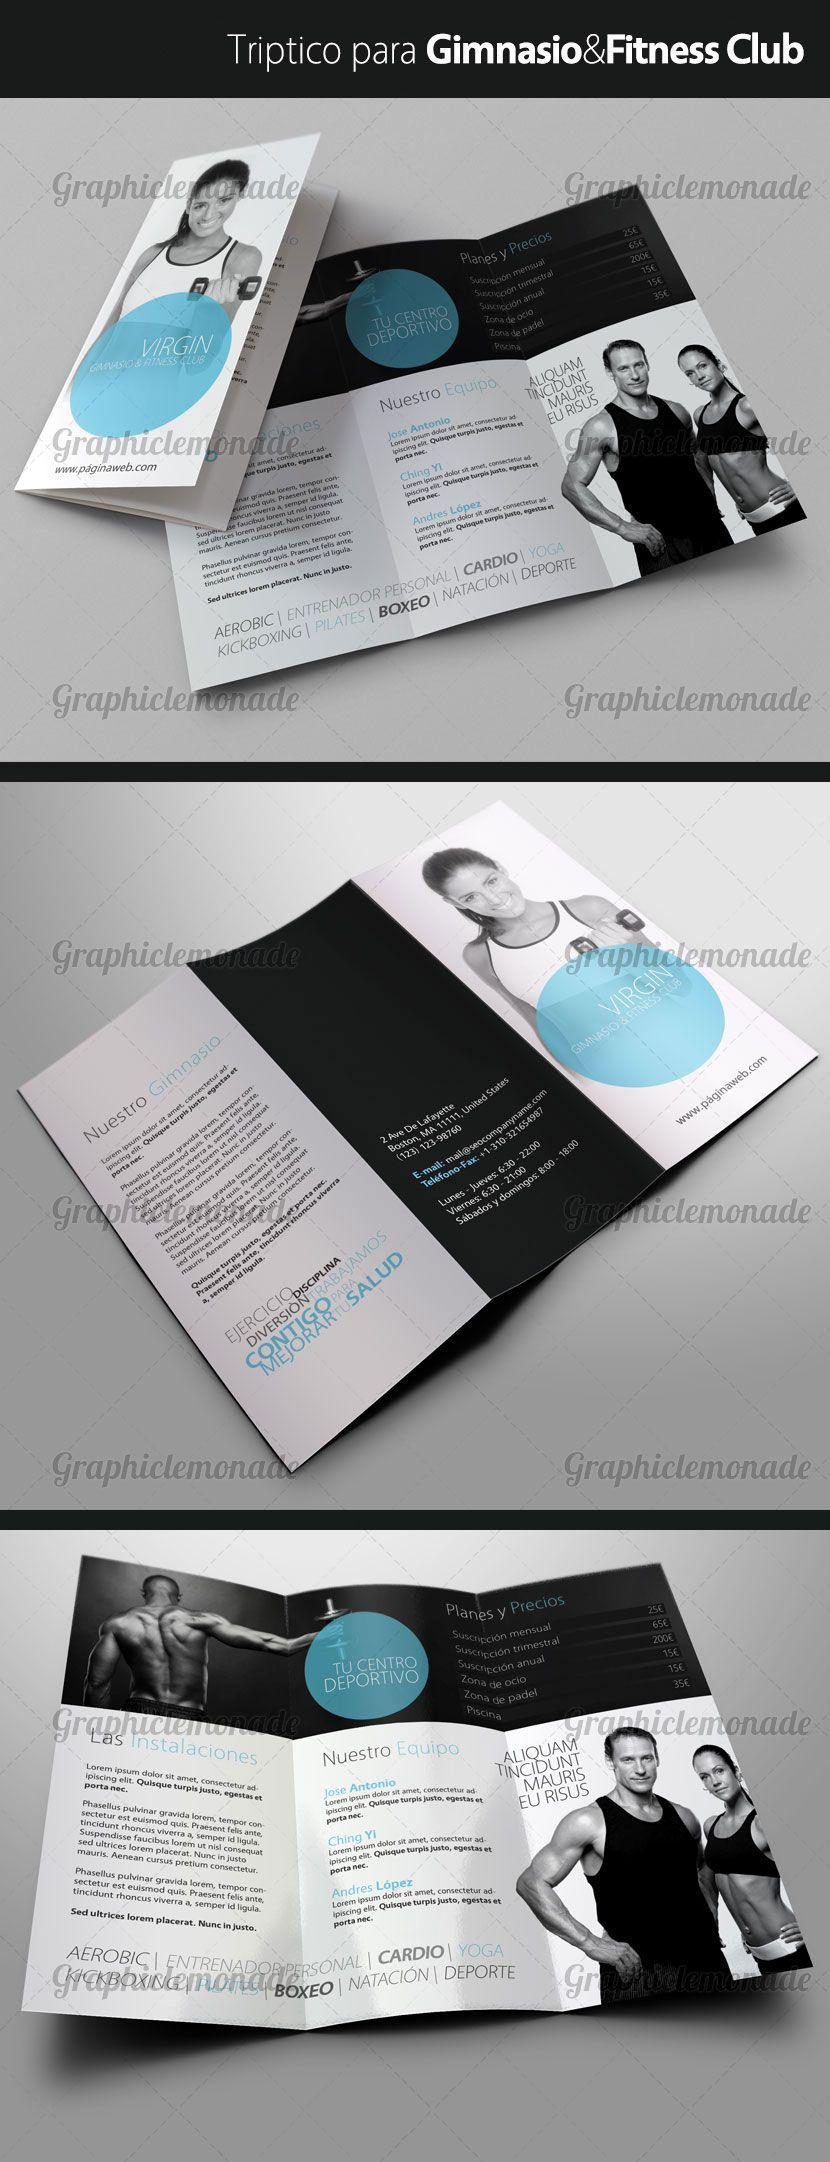 Tr ptico para gimnasio tripticos dipticos pinterest for Posters para gimnasios